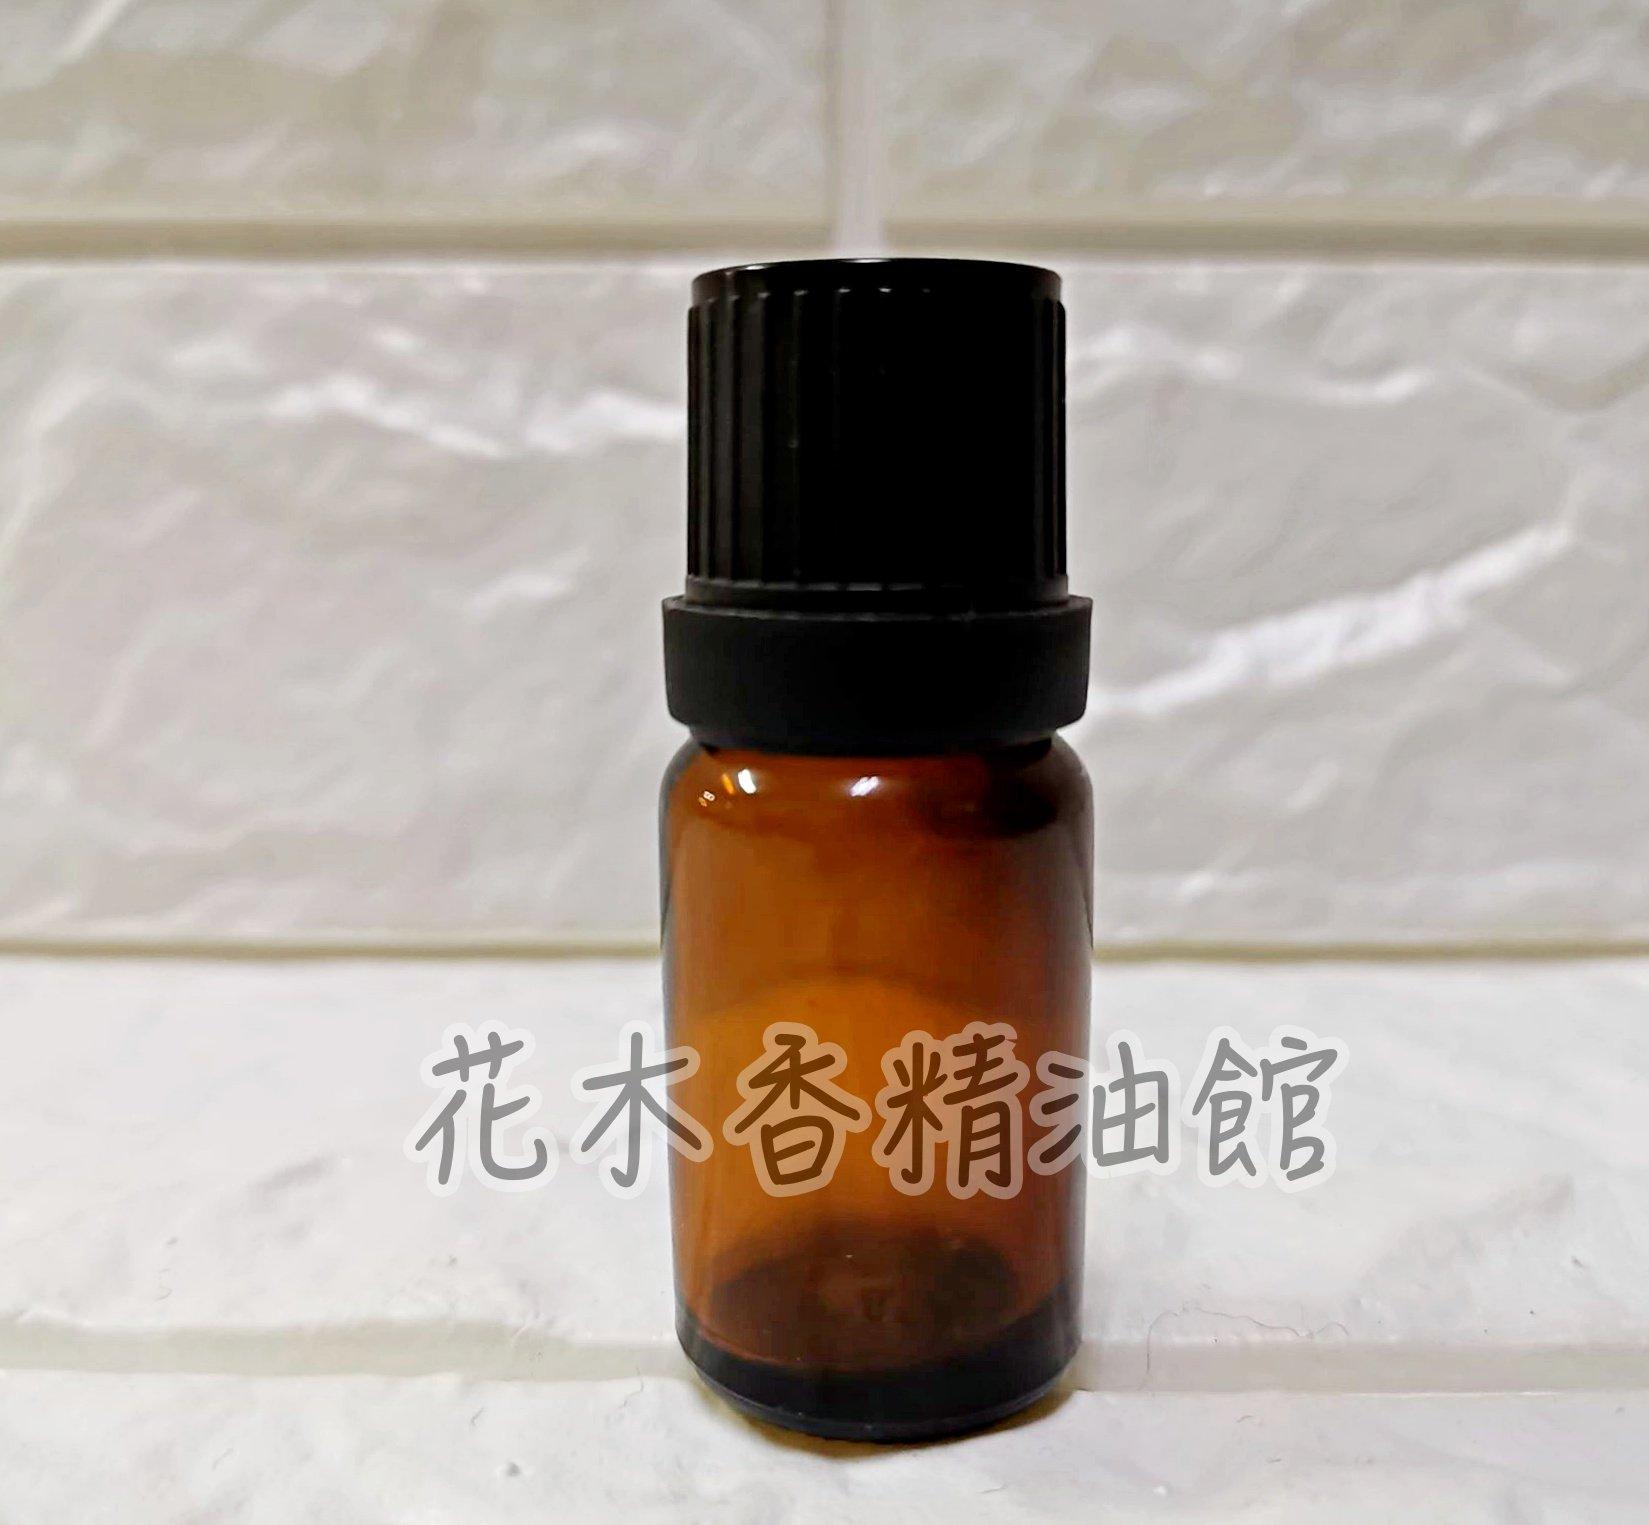 台灣黃檜、台灣紅檜、台灣肖楠 ~ 各10ml * 1瓶 / 散發天然芬多精